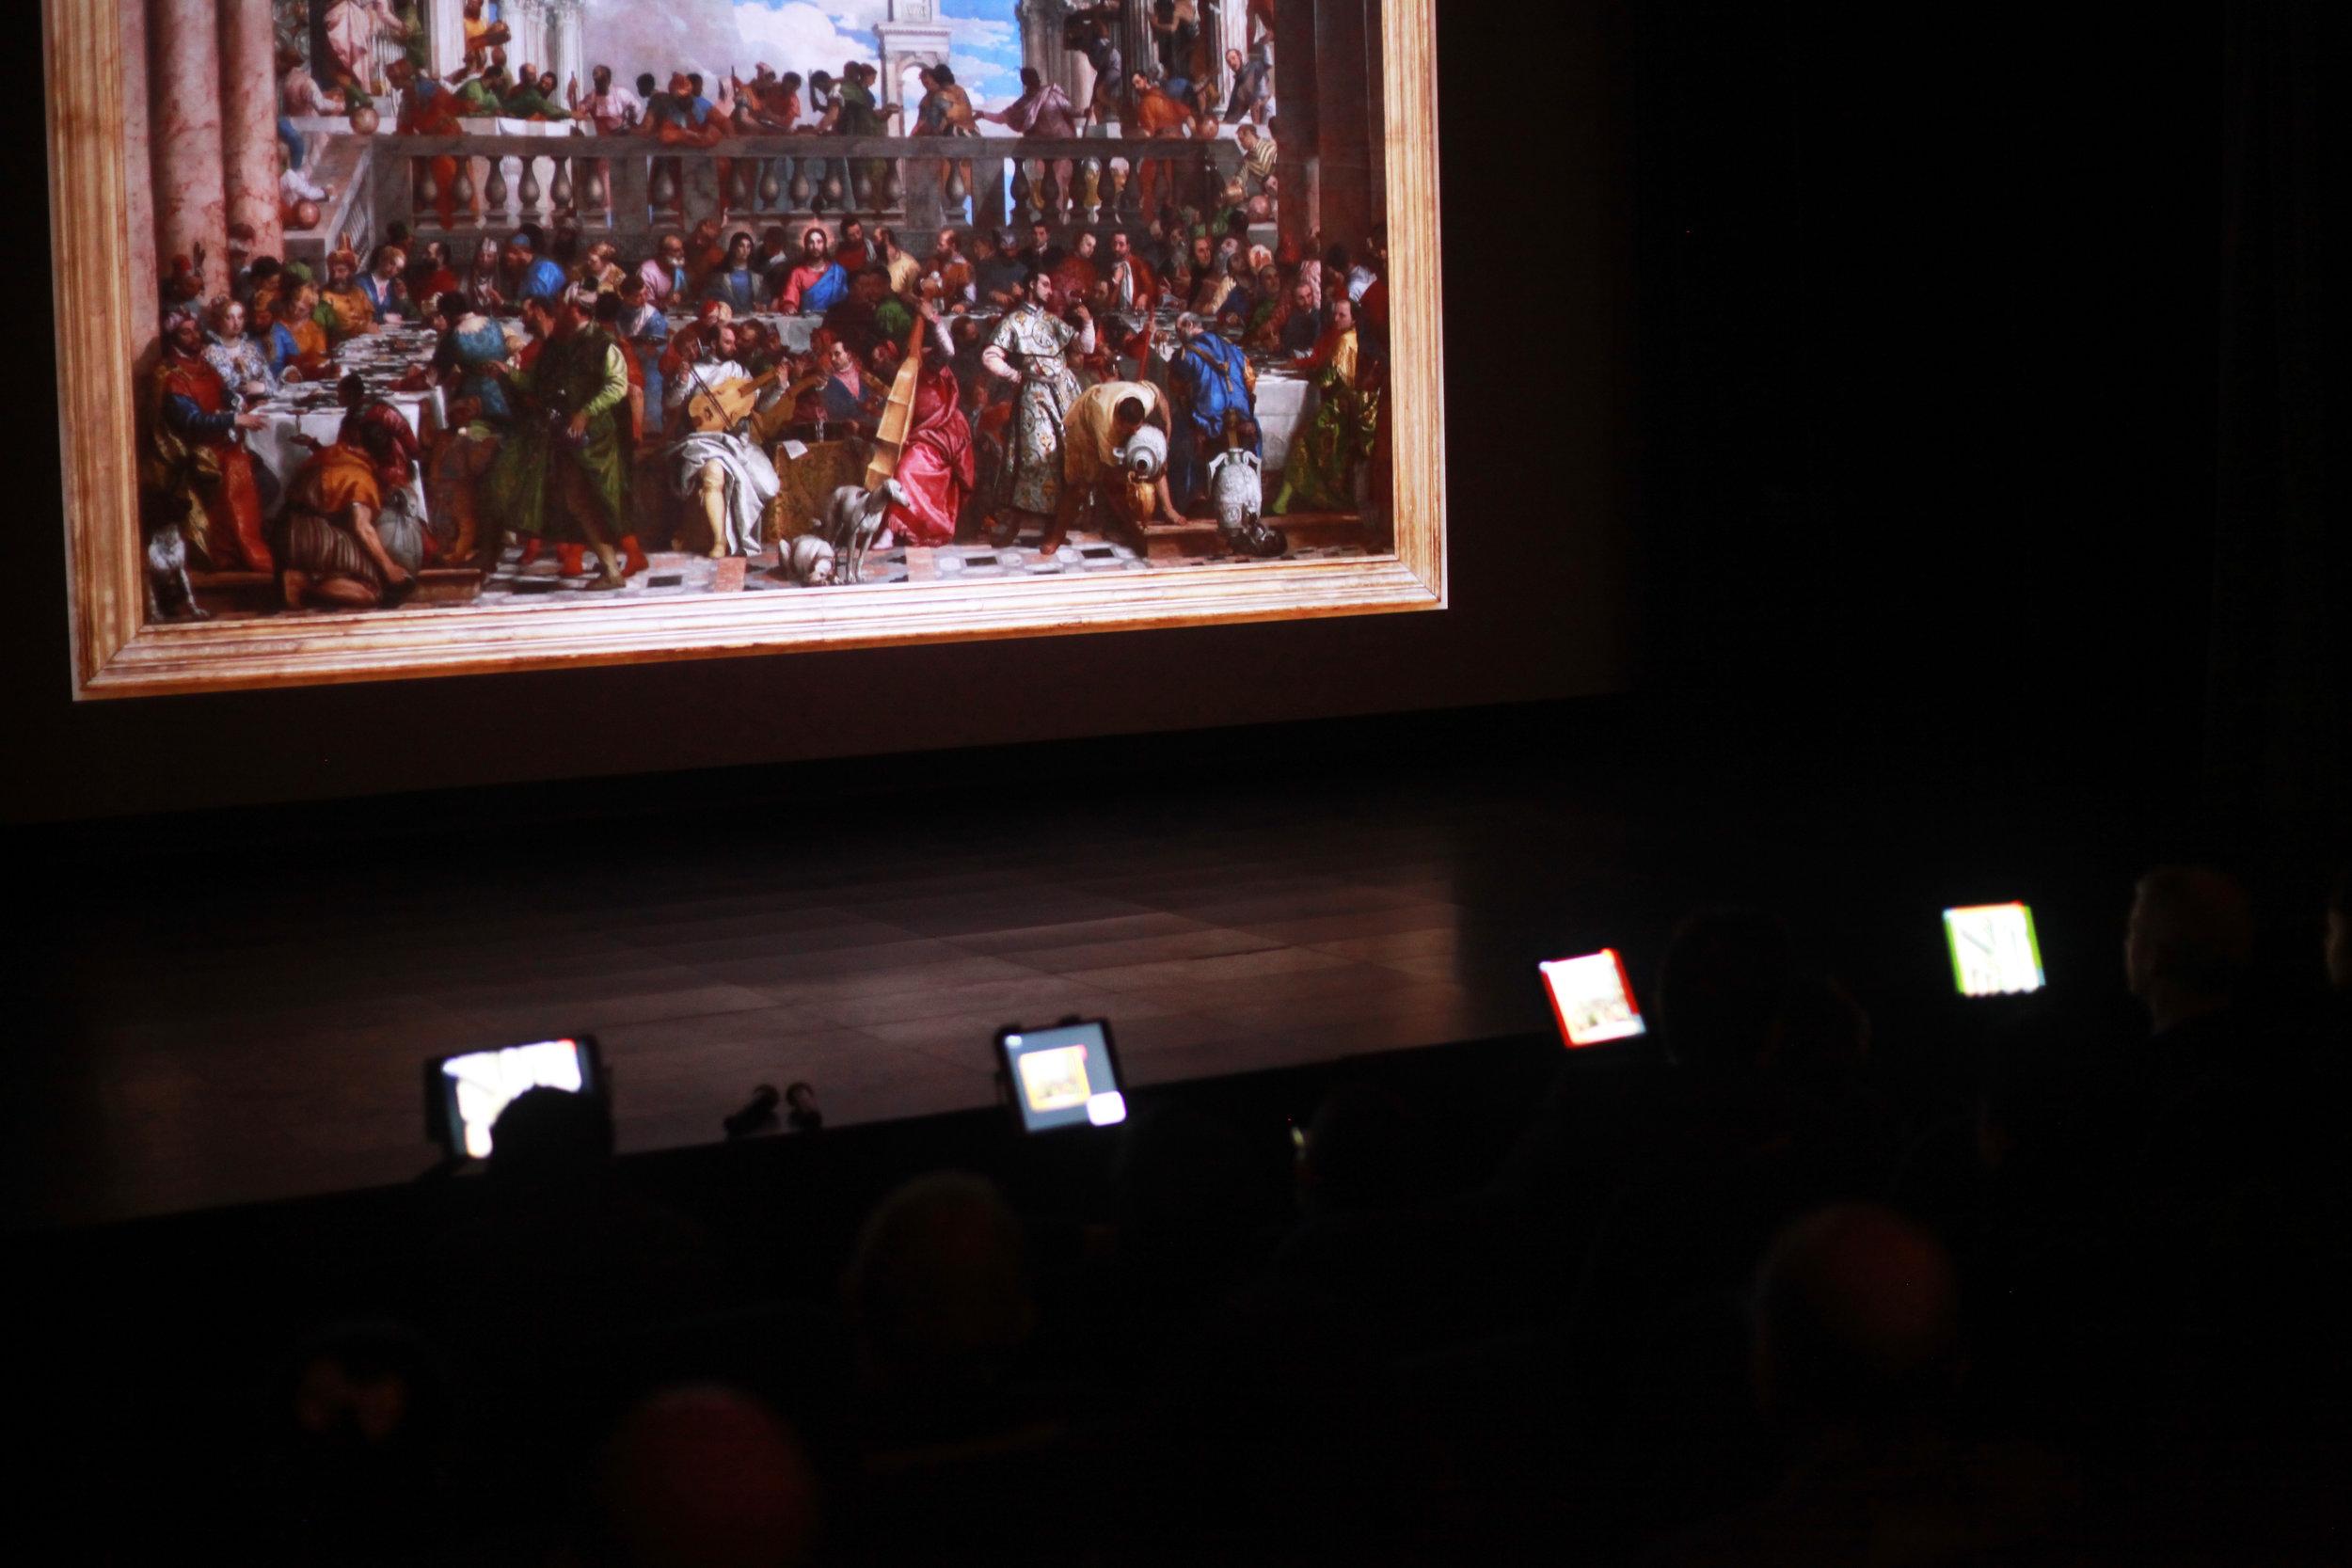 Inauguration du Musée numérique en présence de M. le Ministre de la culture Franck Riester. 29/01/19.